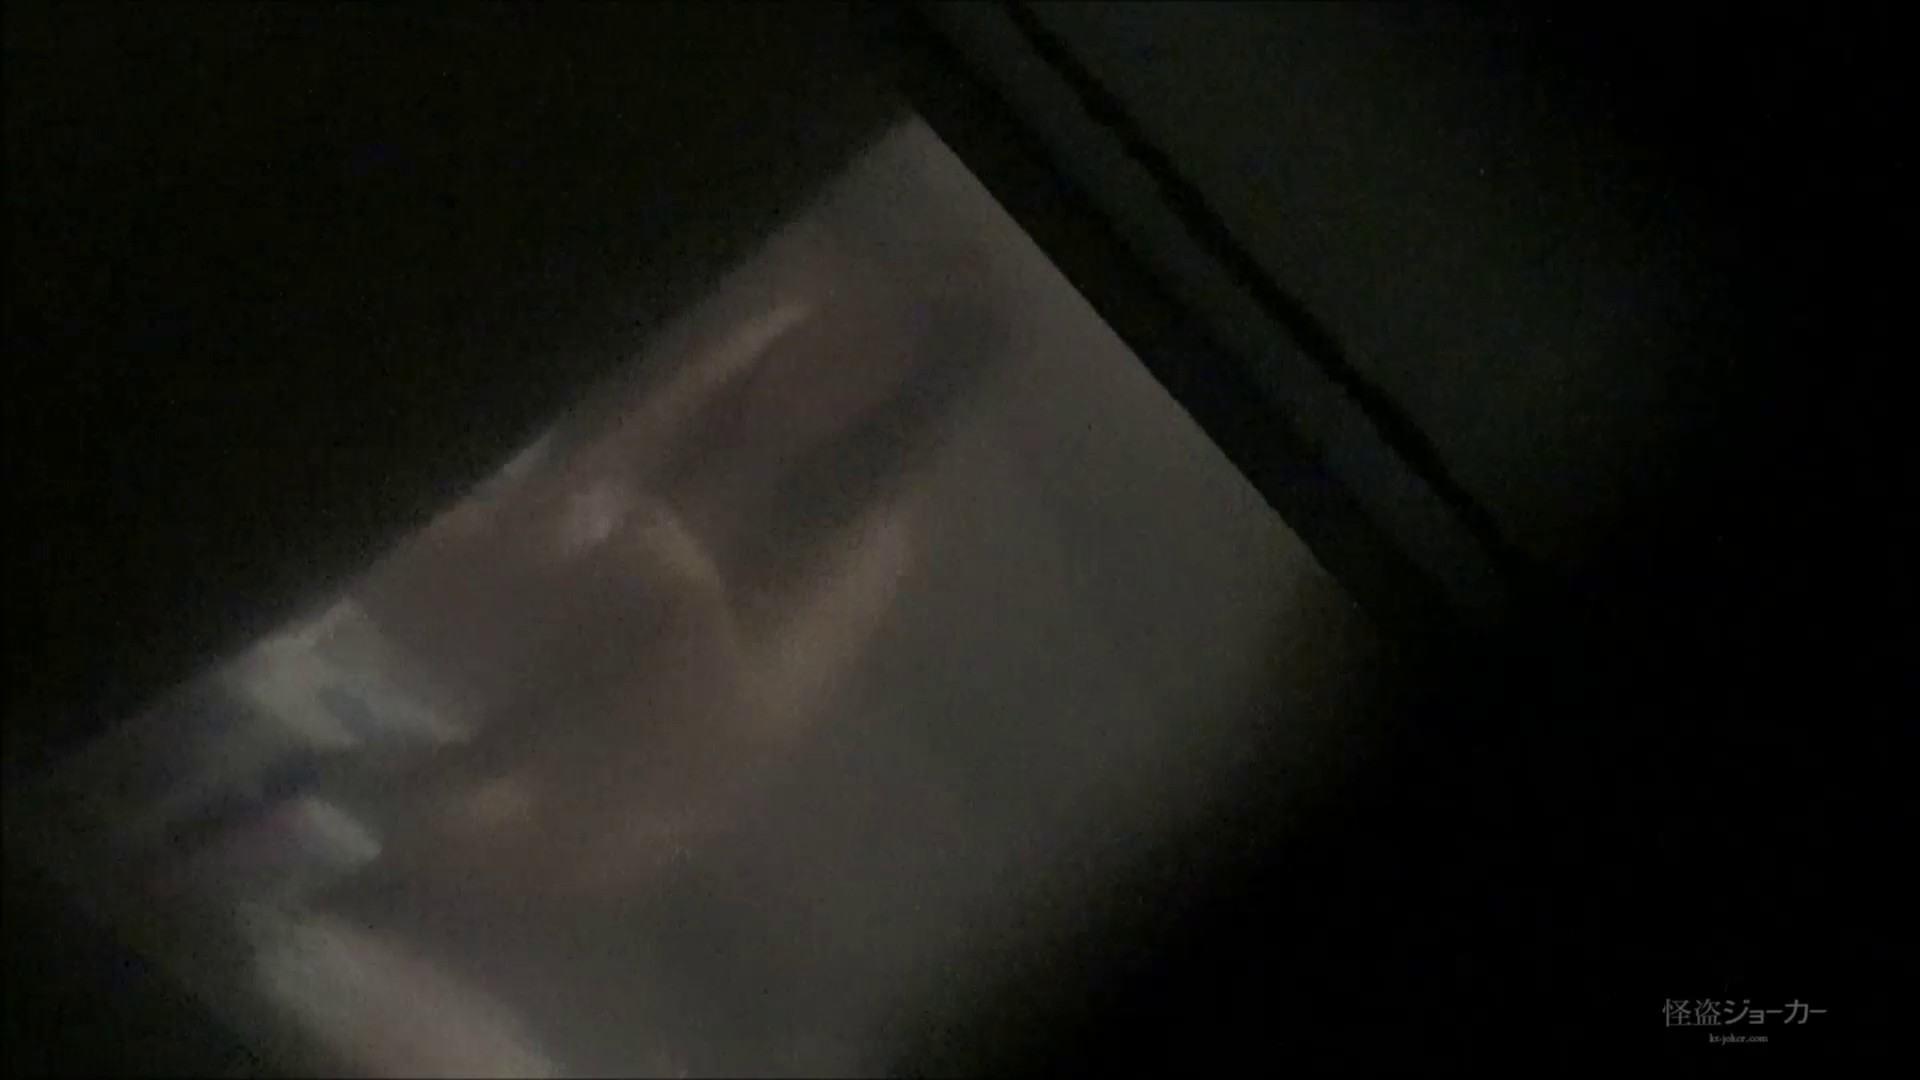 覗き見 Vol.3 覗き見 Vol.3♀ 向かいのお女市さん。 OL女体 | 覗き  87連発 43